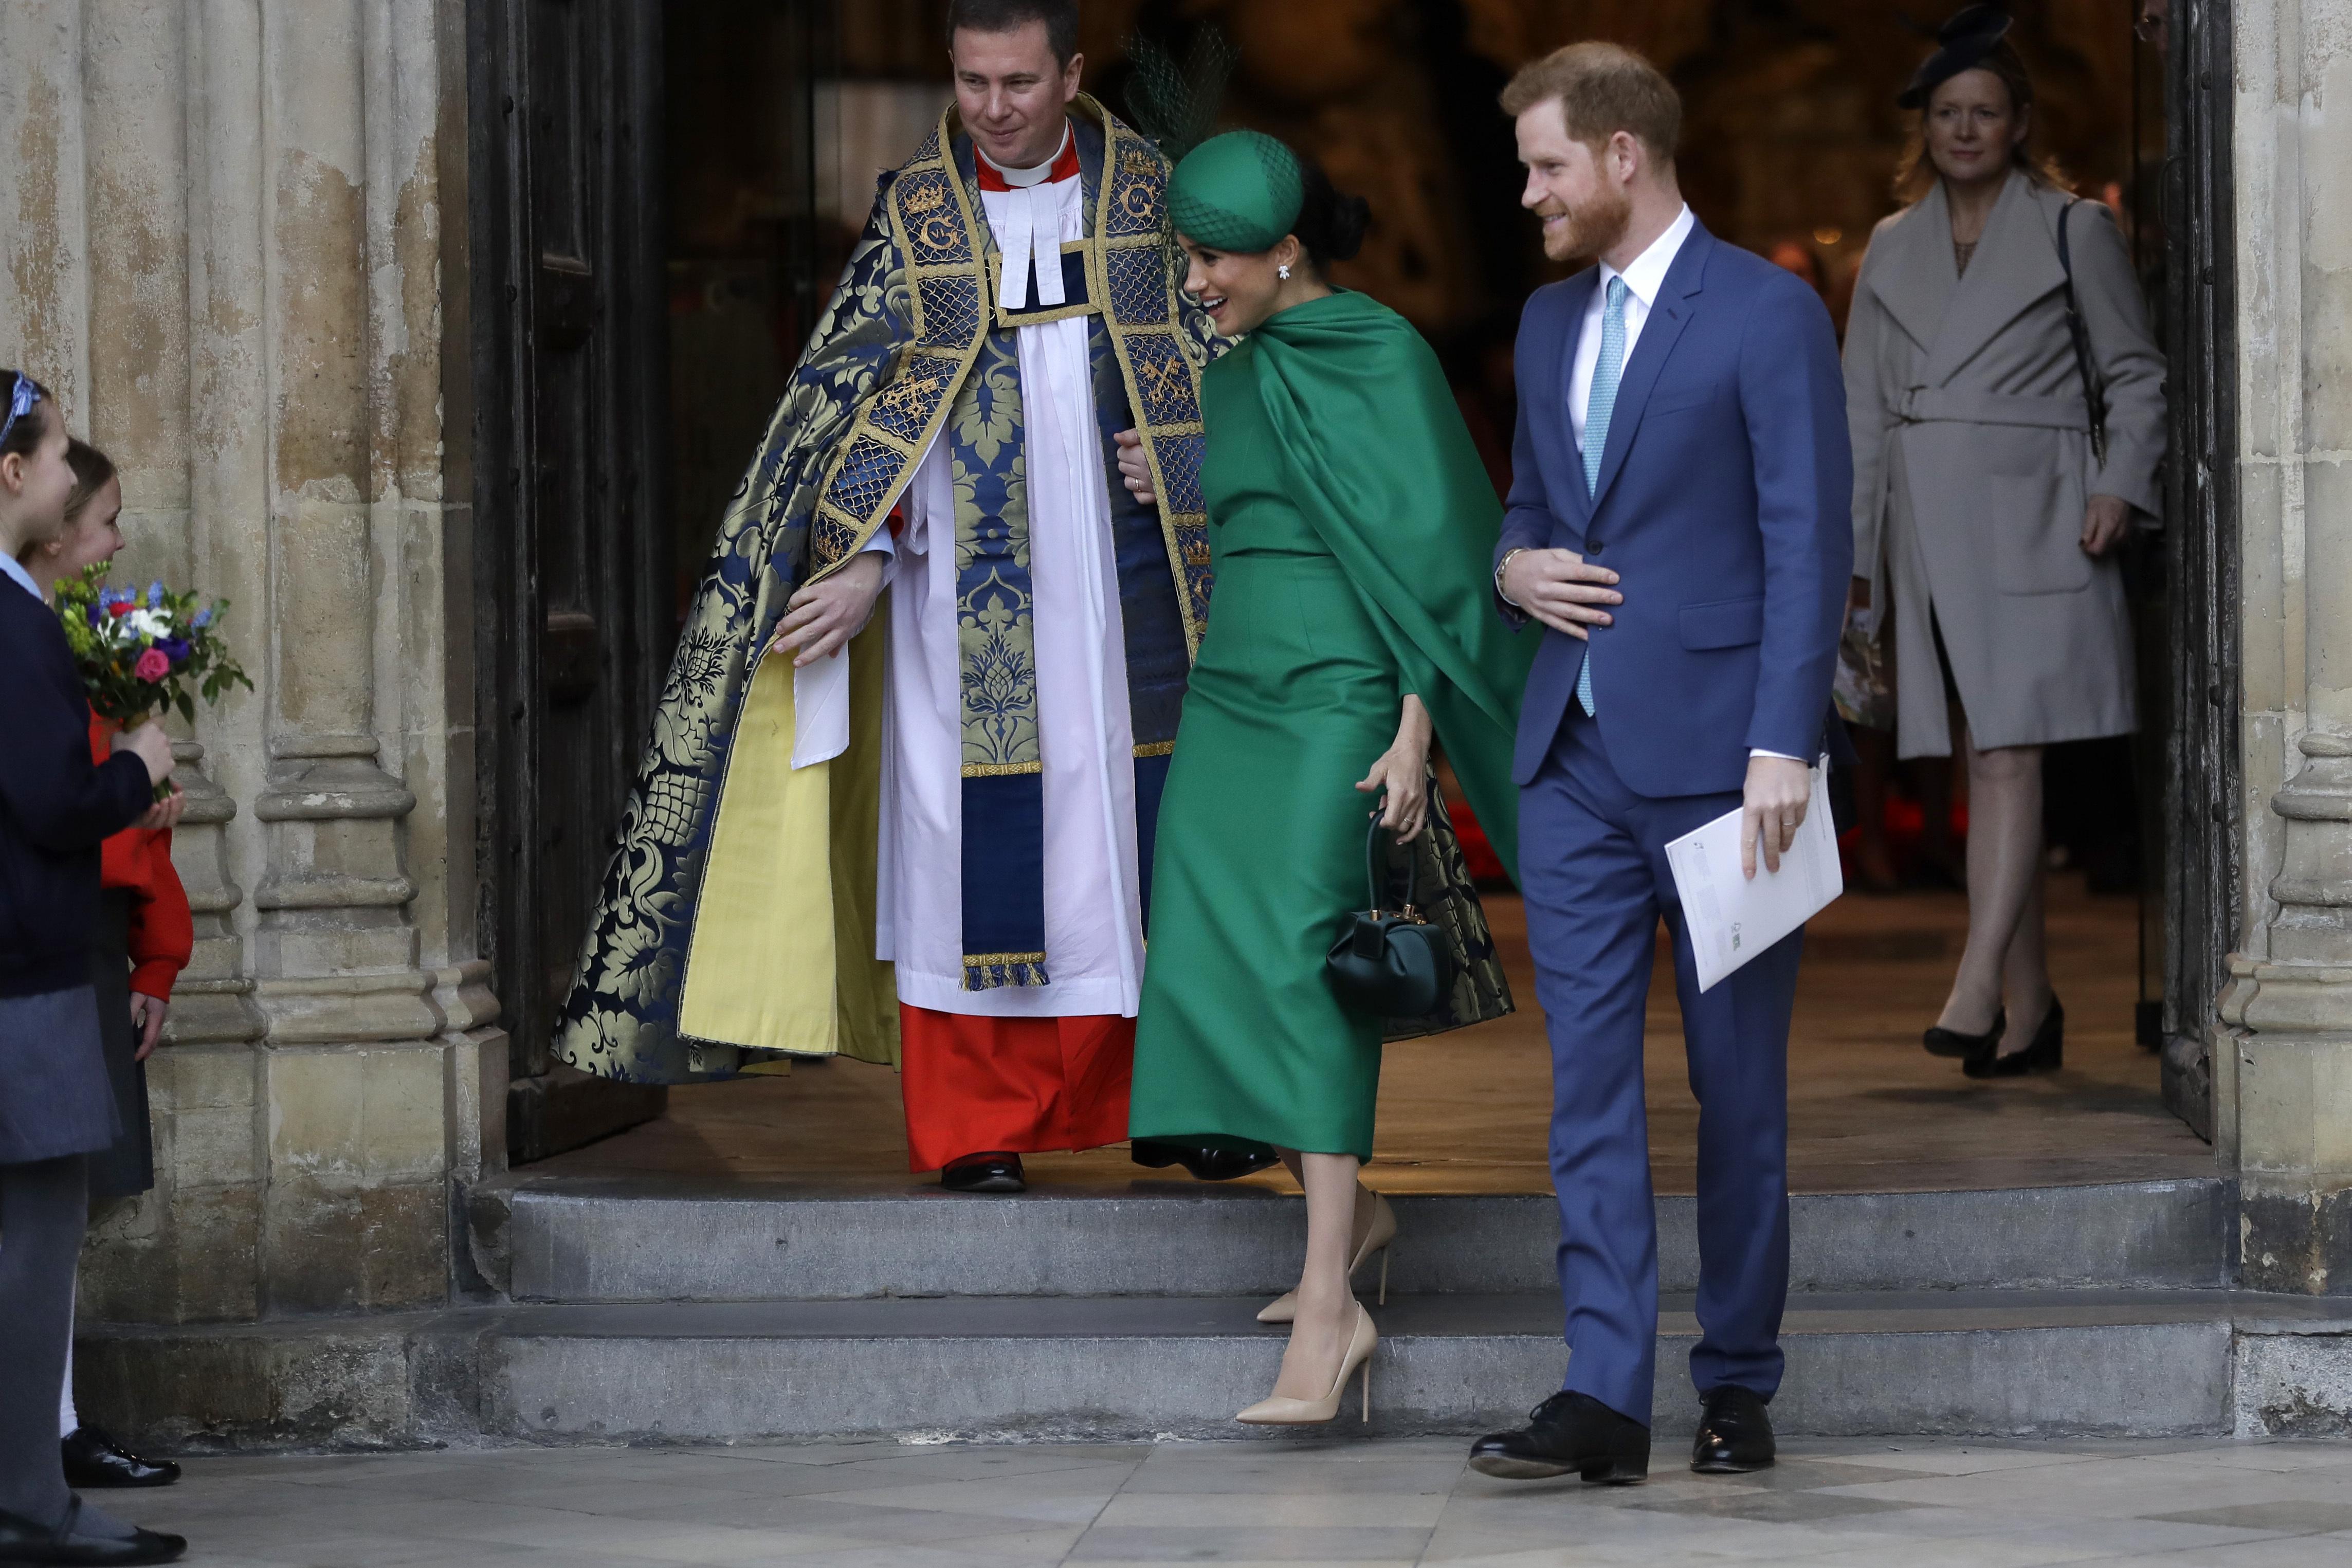 A su salida, la pareja saludó al público presente. (Phil Harris / Pool via AP)